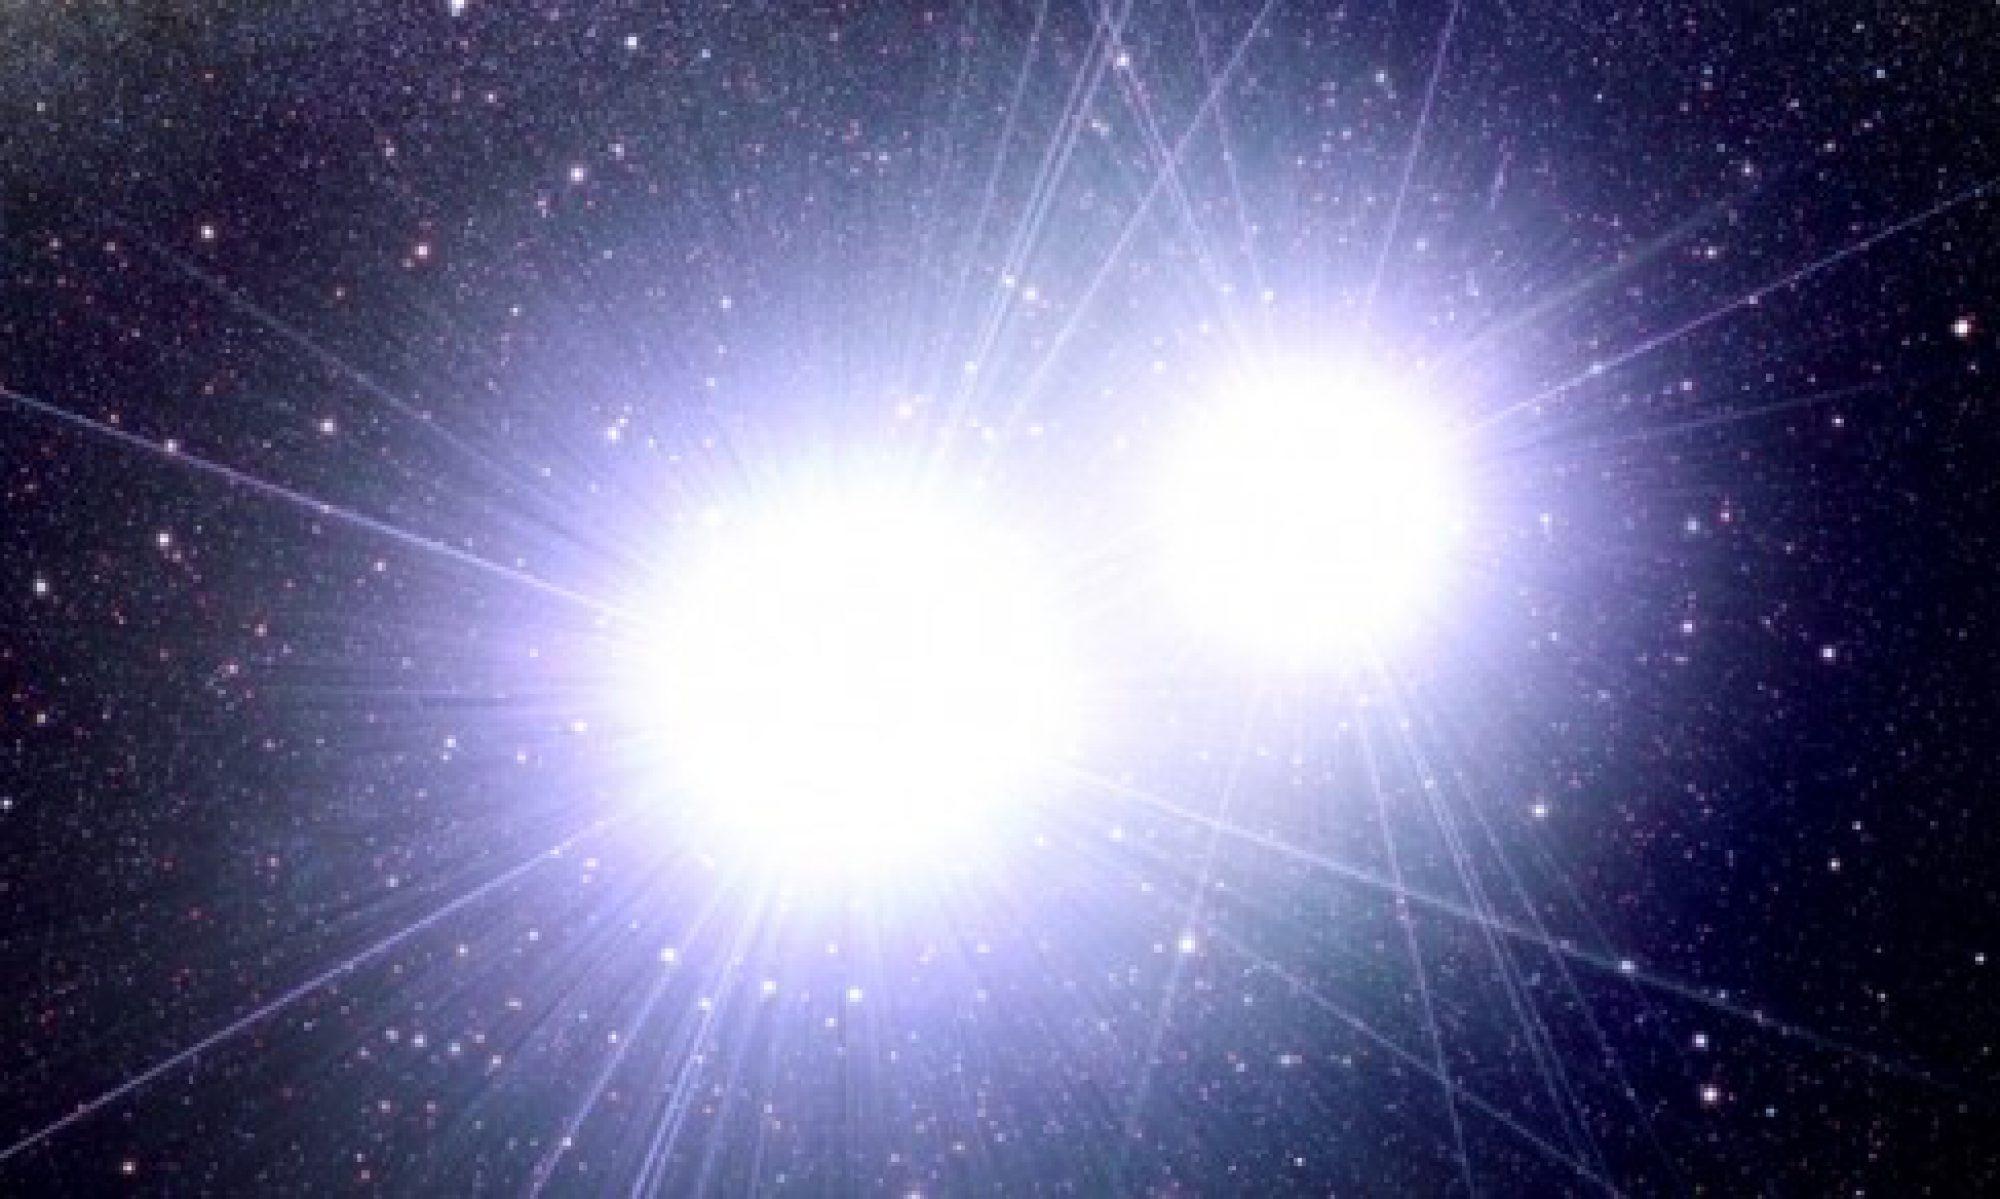 cropped-estrelas-estranhas-3-838x292.jpg